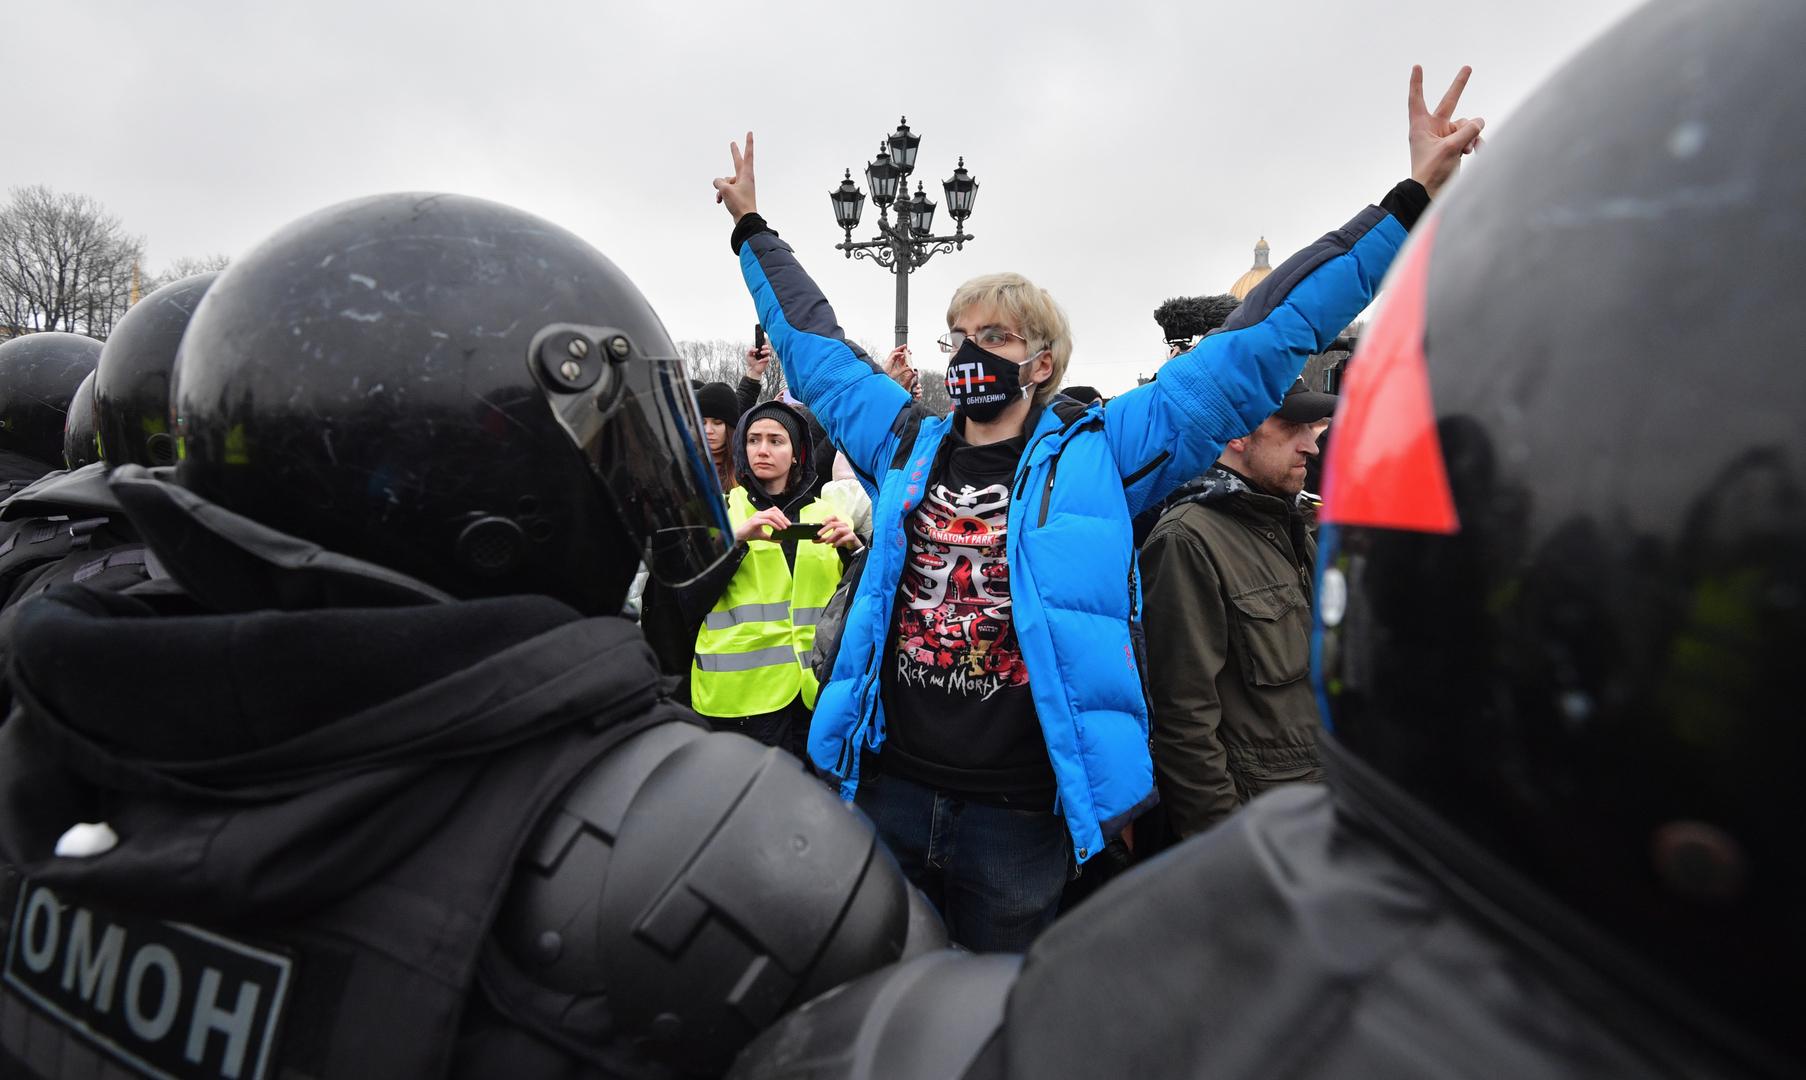 تحقيقات جنائية في أعمال عنف وشغب خلال مظاهرات أنصار نافالني في روسيا